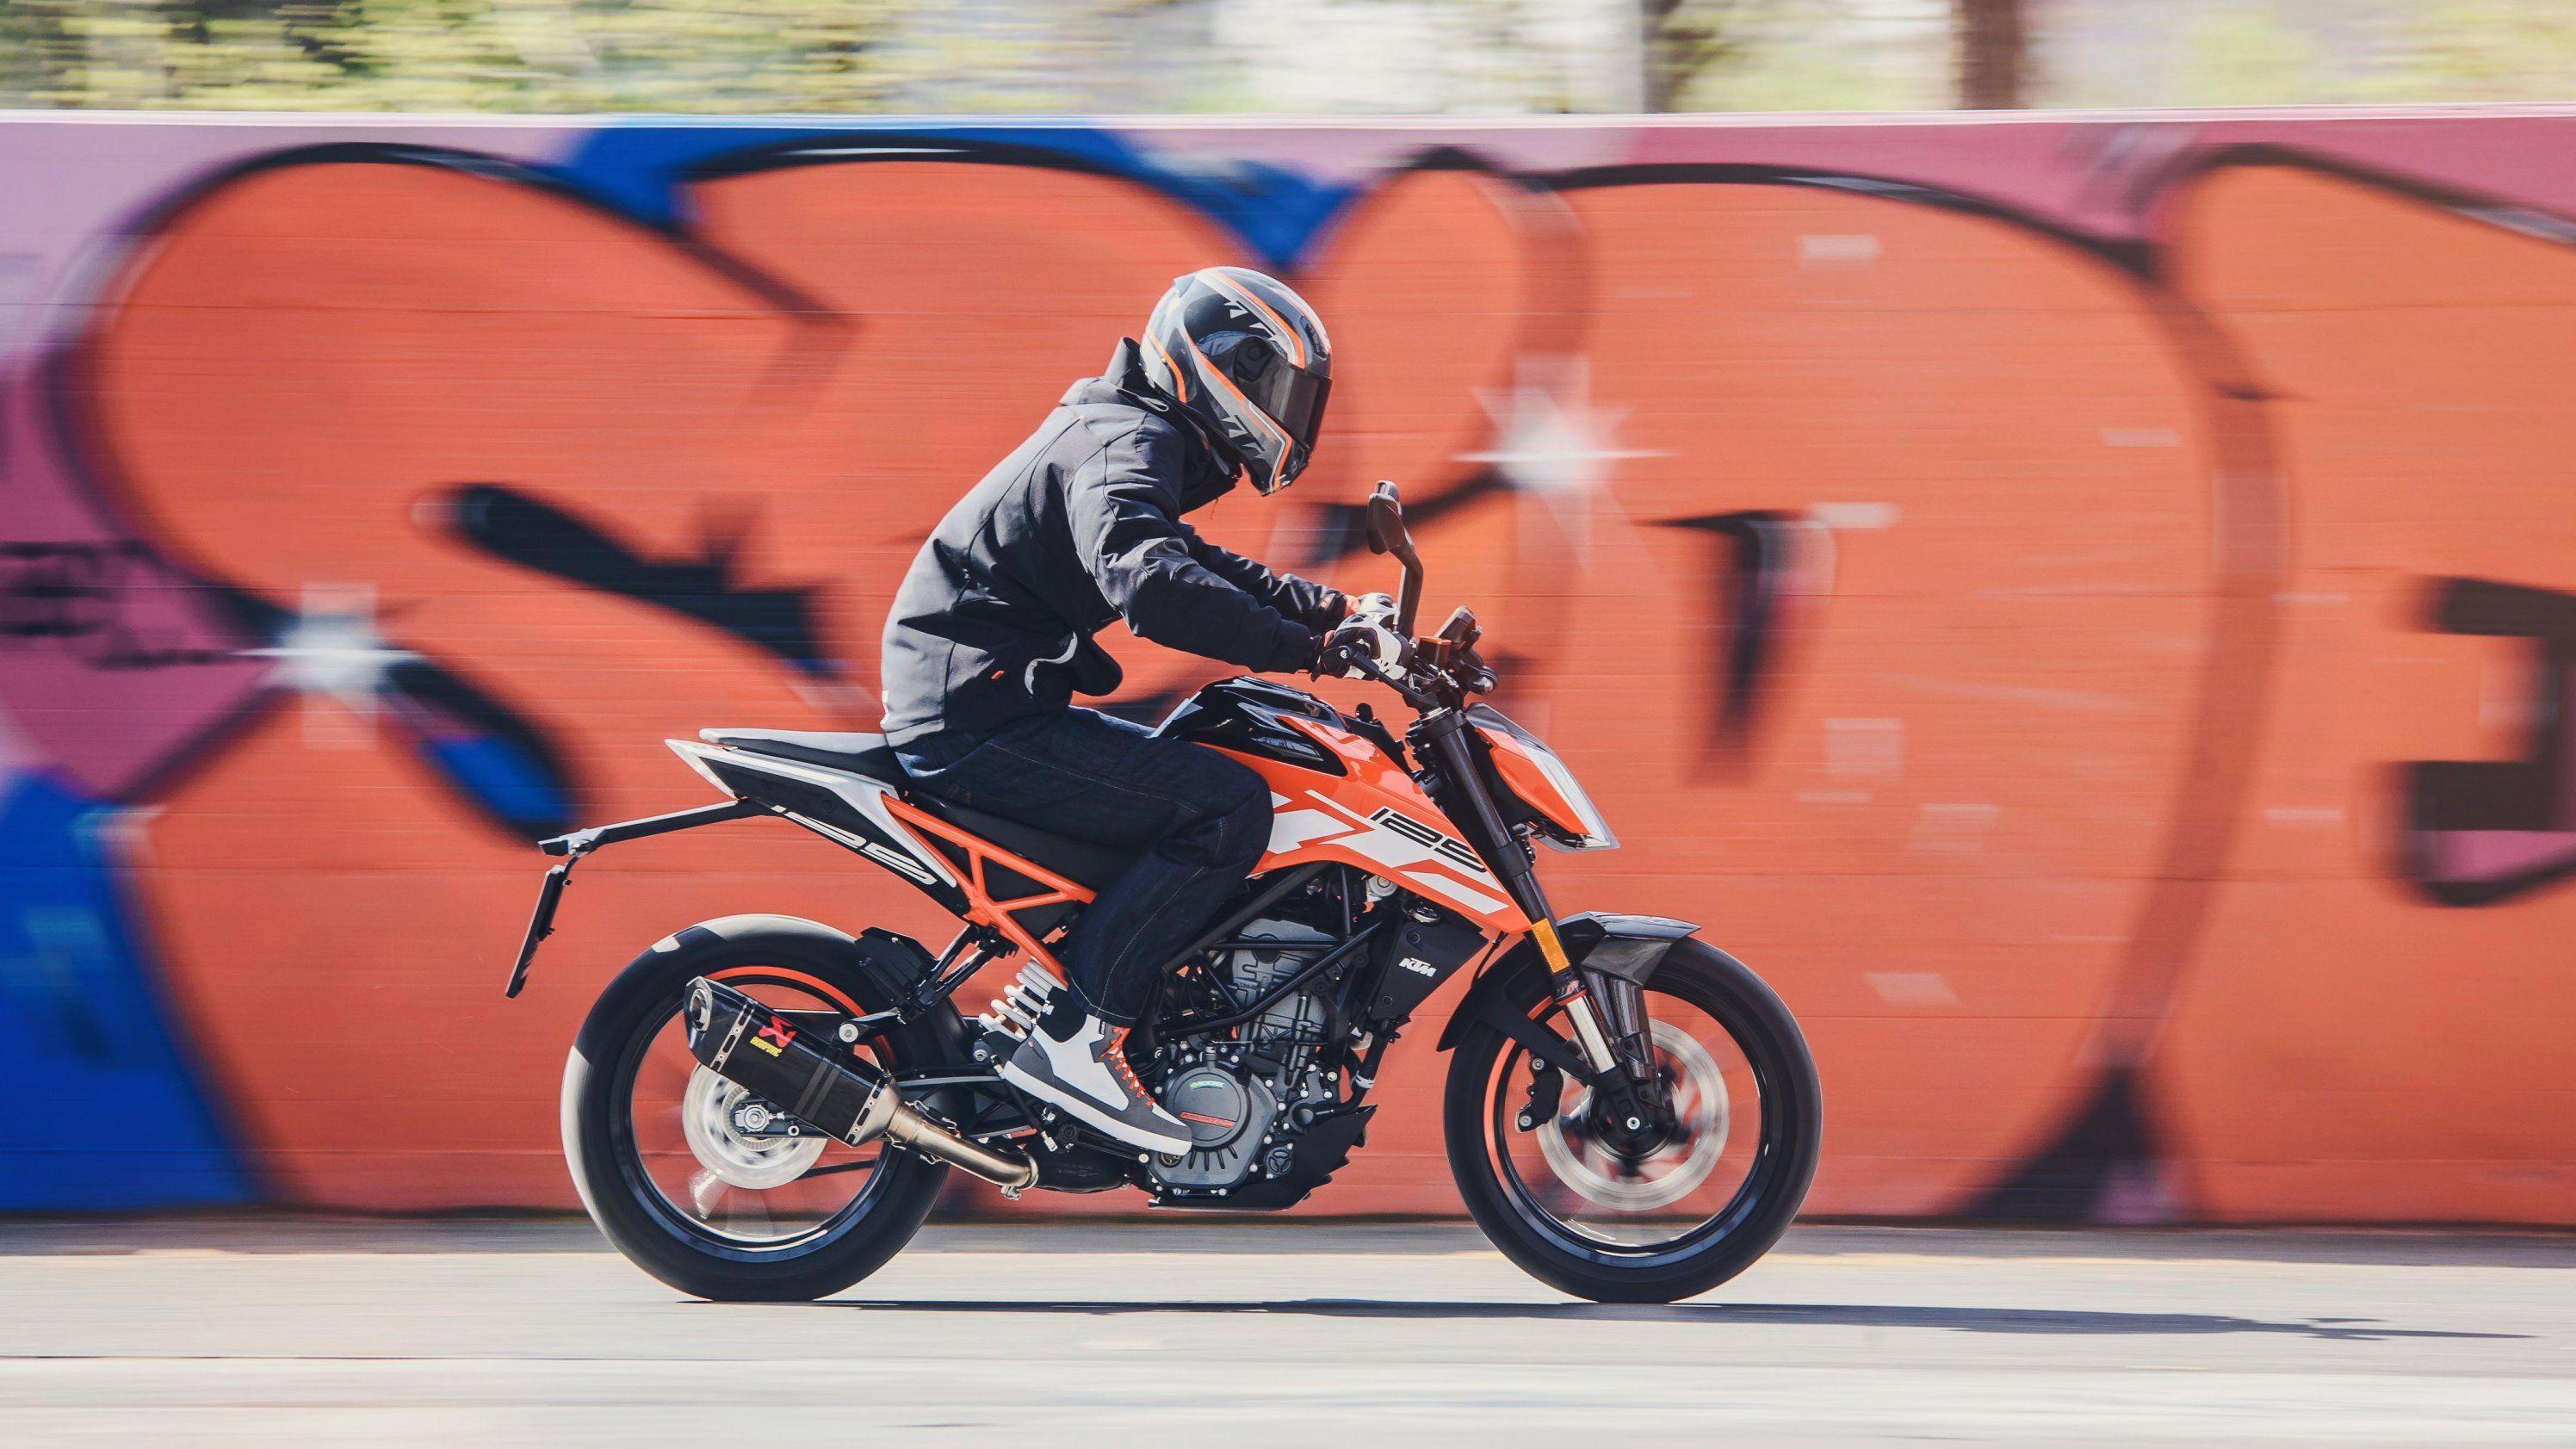 2018 - 2020 KTM 125 Duke @ Top Speed | Ktm, Ktm 125 duke, Ktm 125